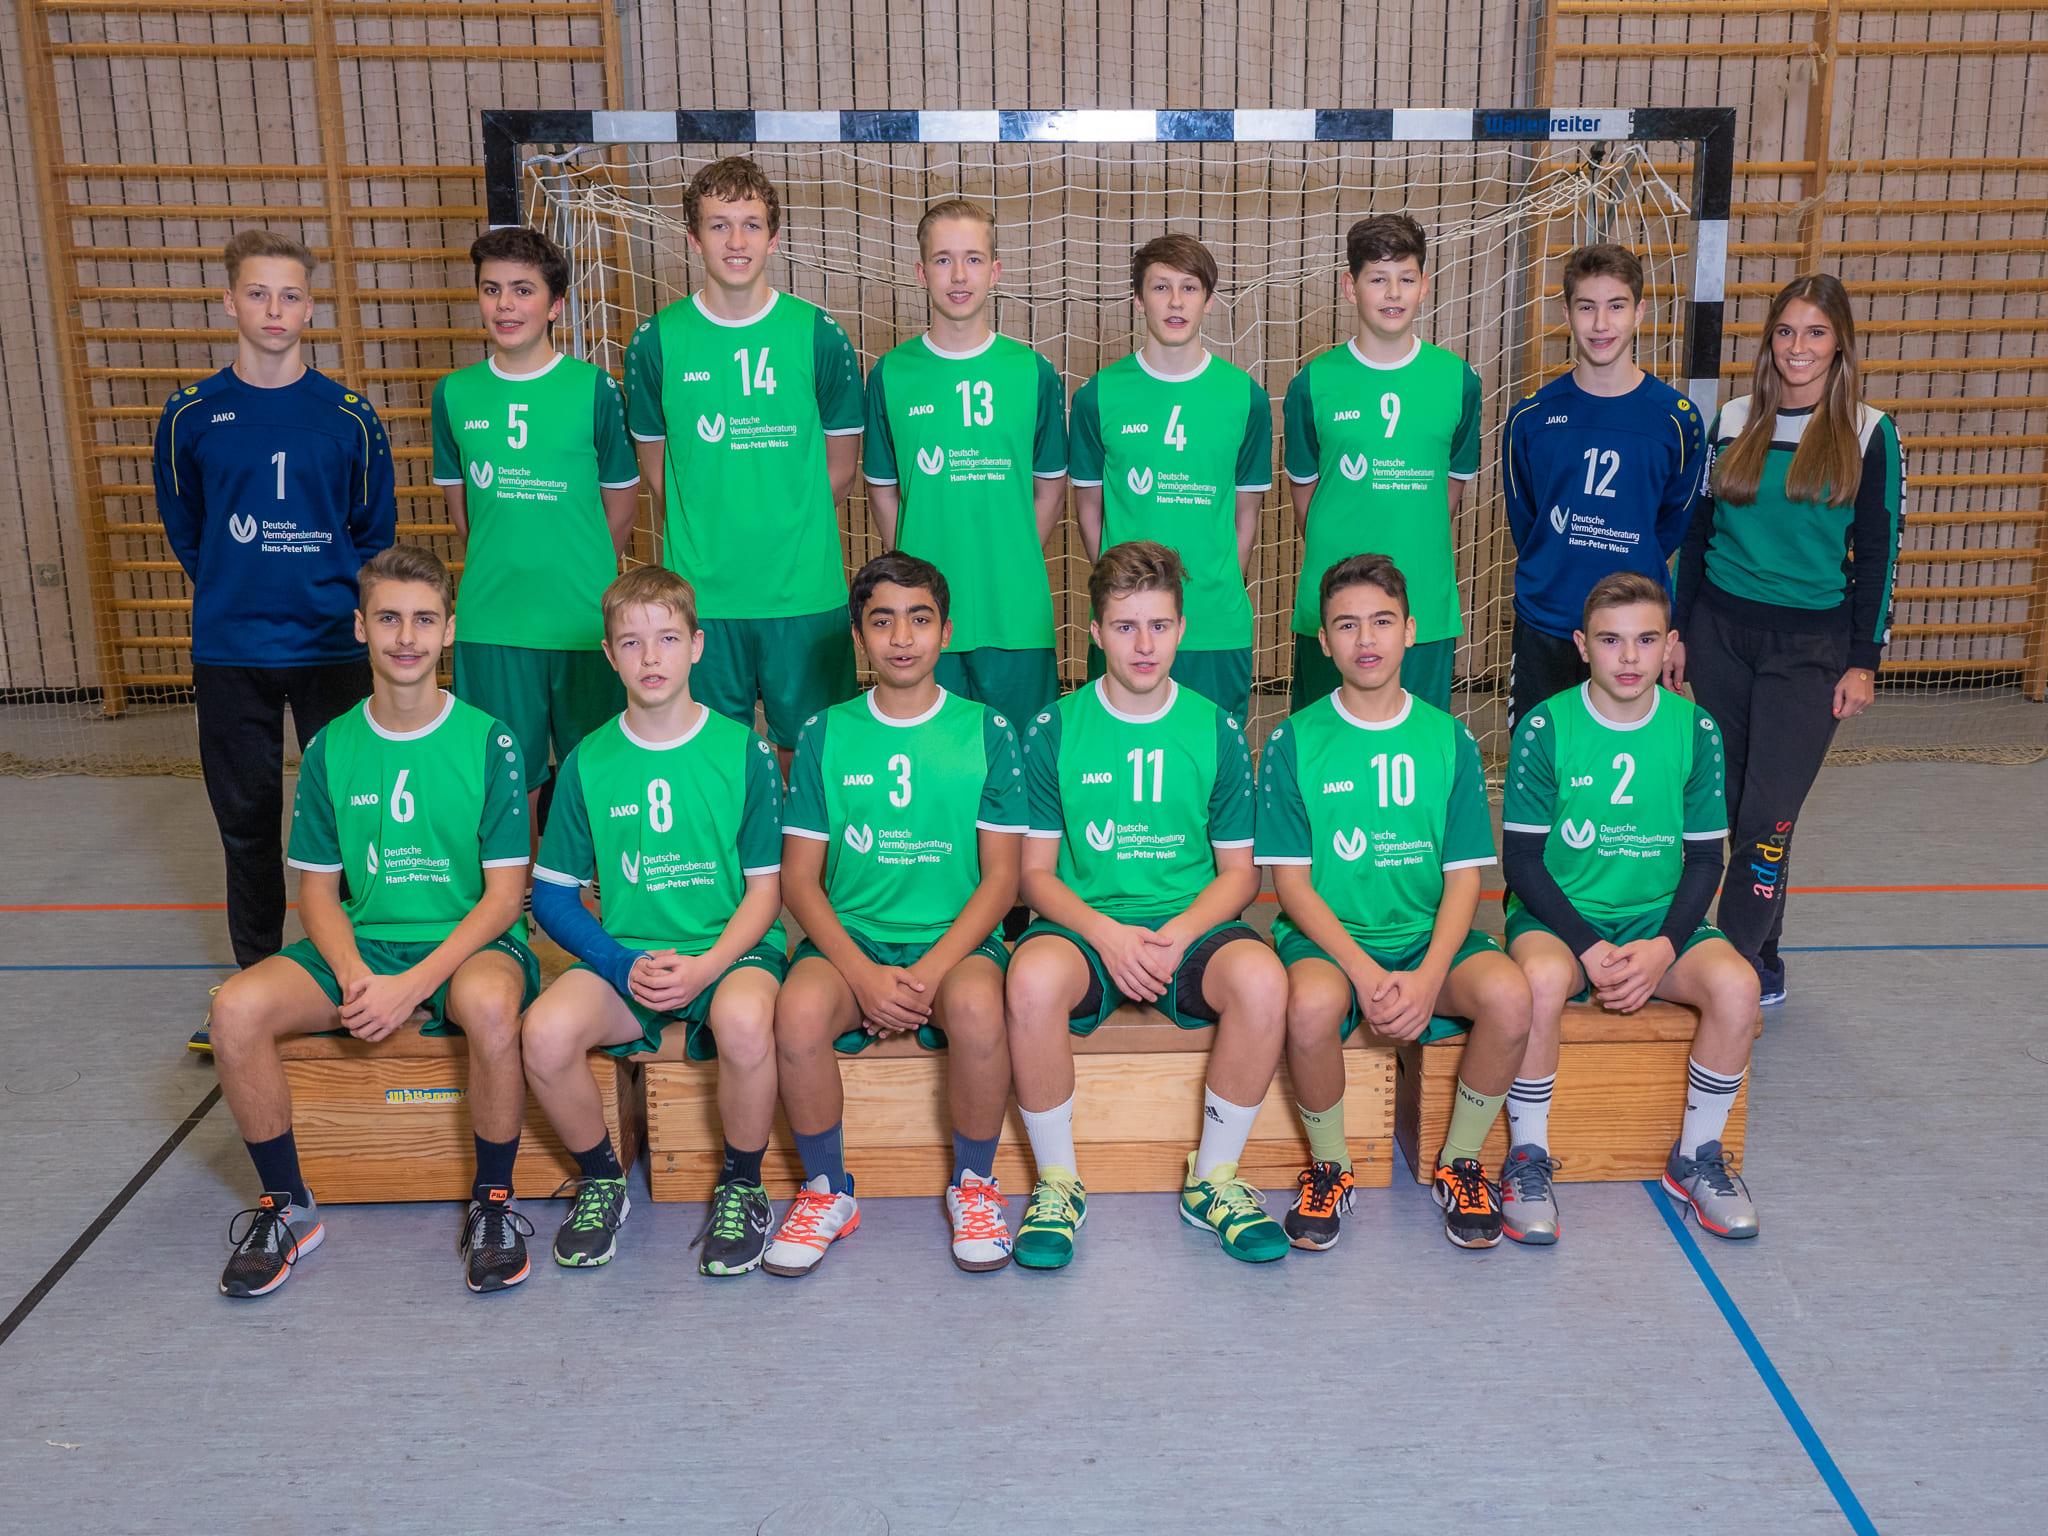 männliche B-Jugend - SV Mering